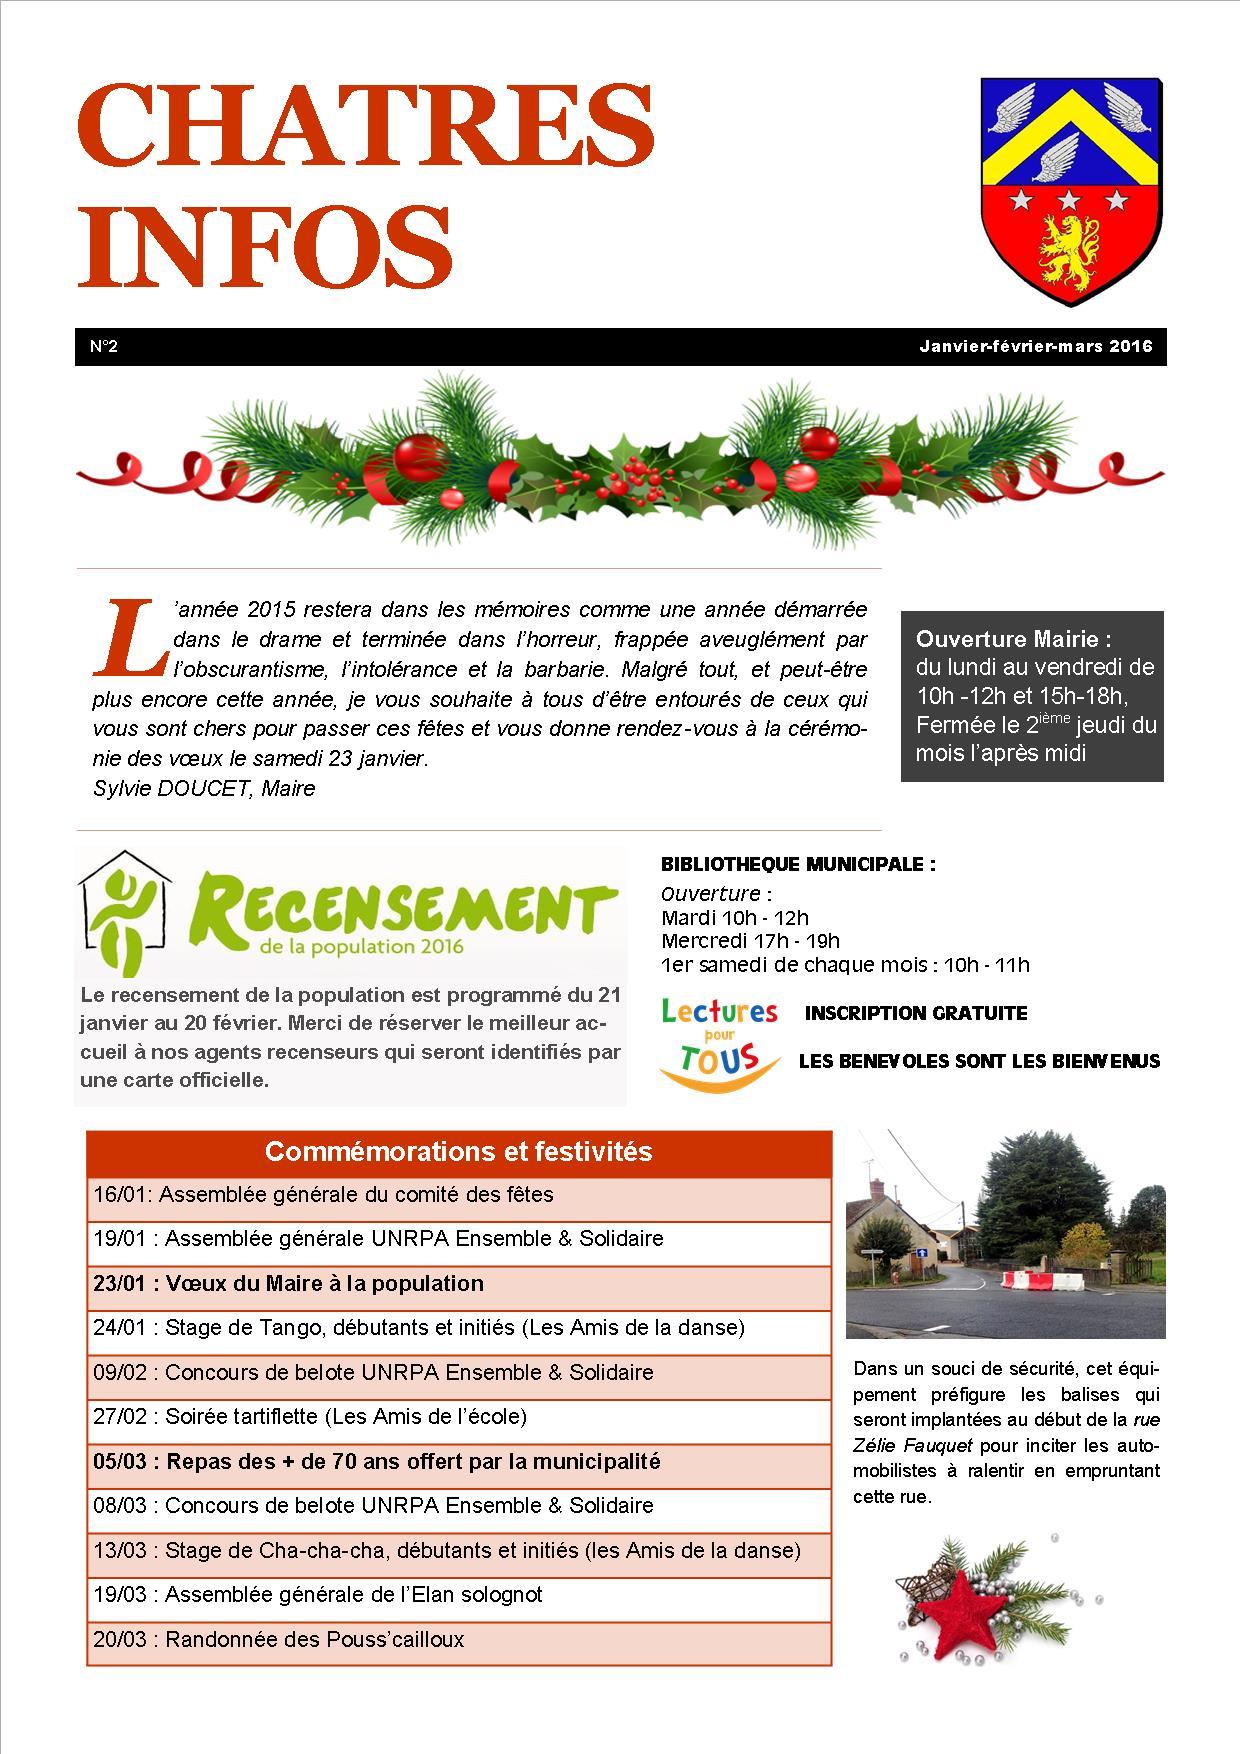 chatres-infos-2